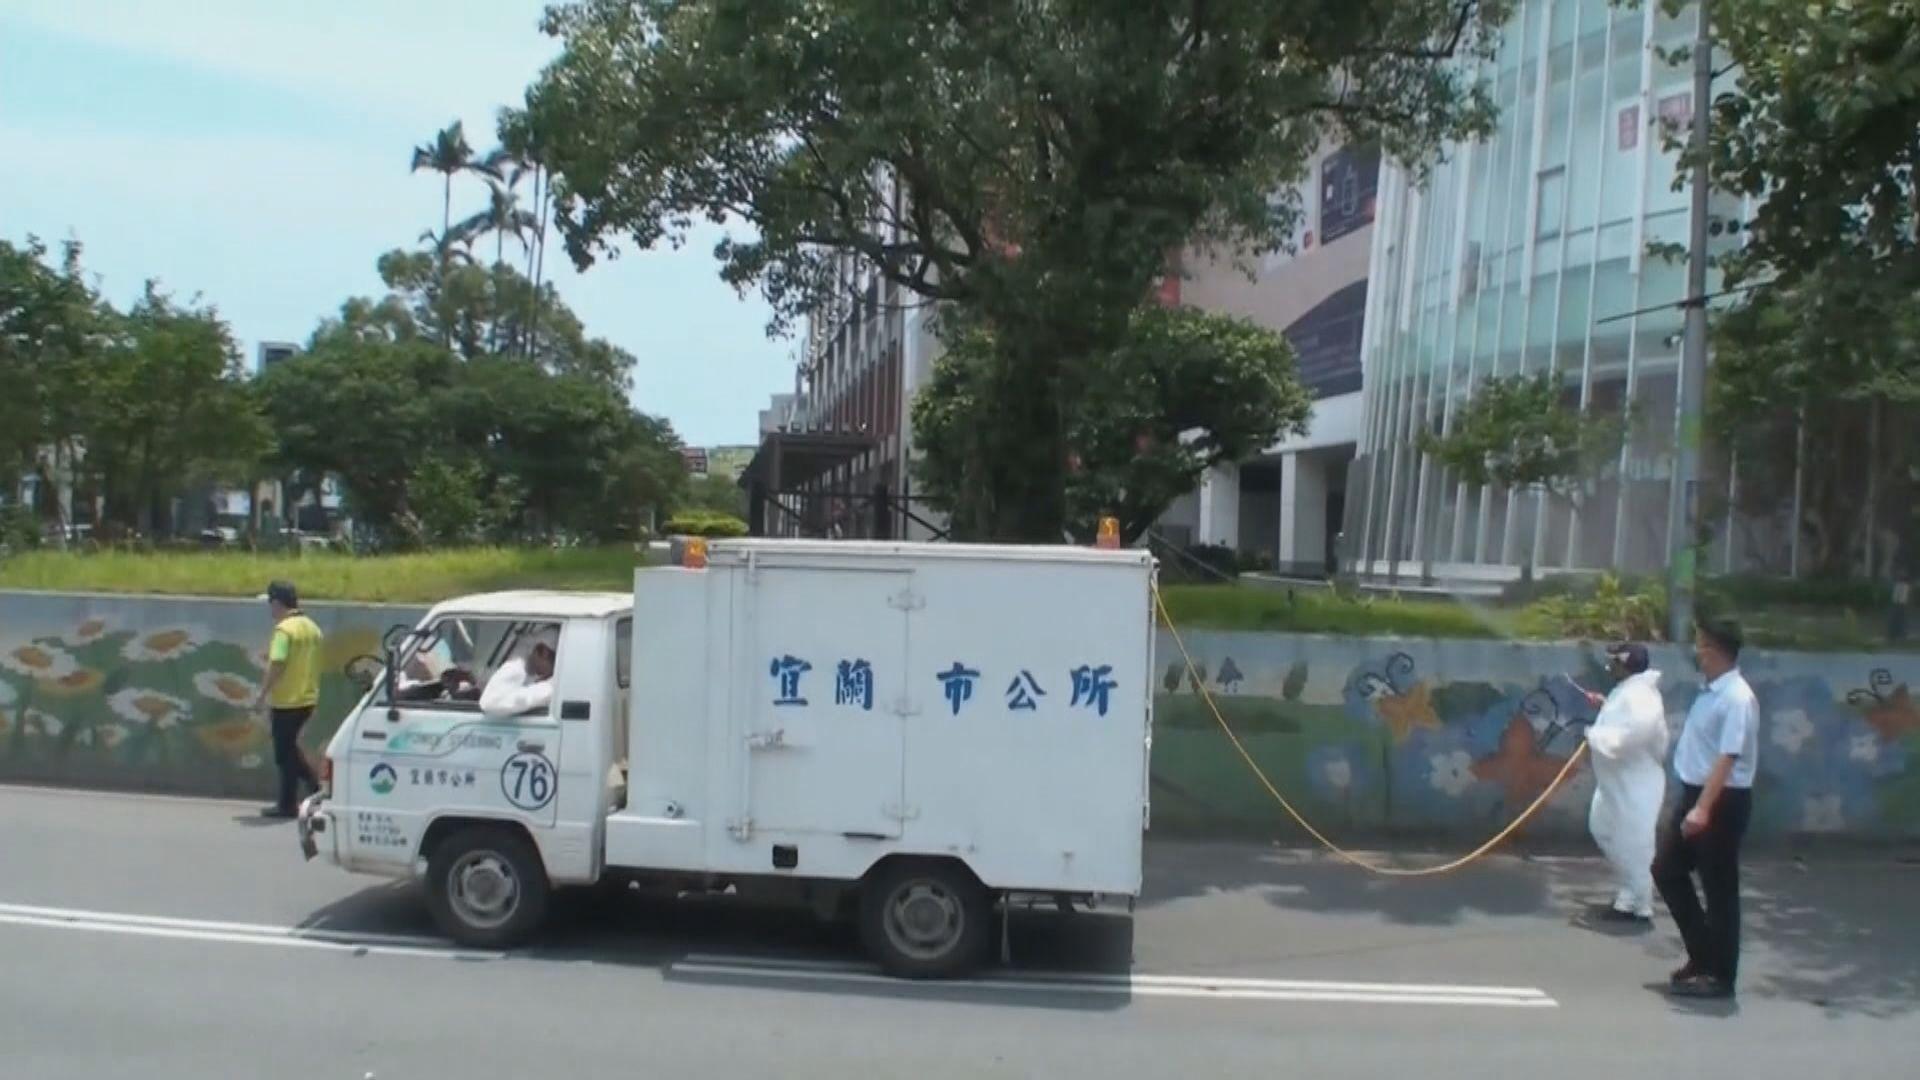 台北新北下午進入第三級防疫警戒 全台灣娛樂場所關閉